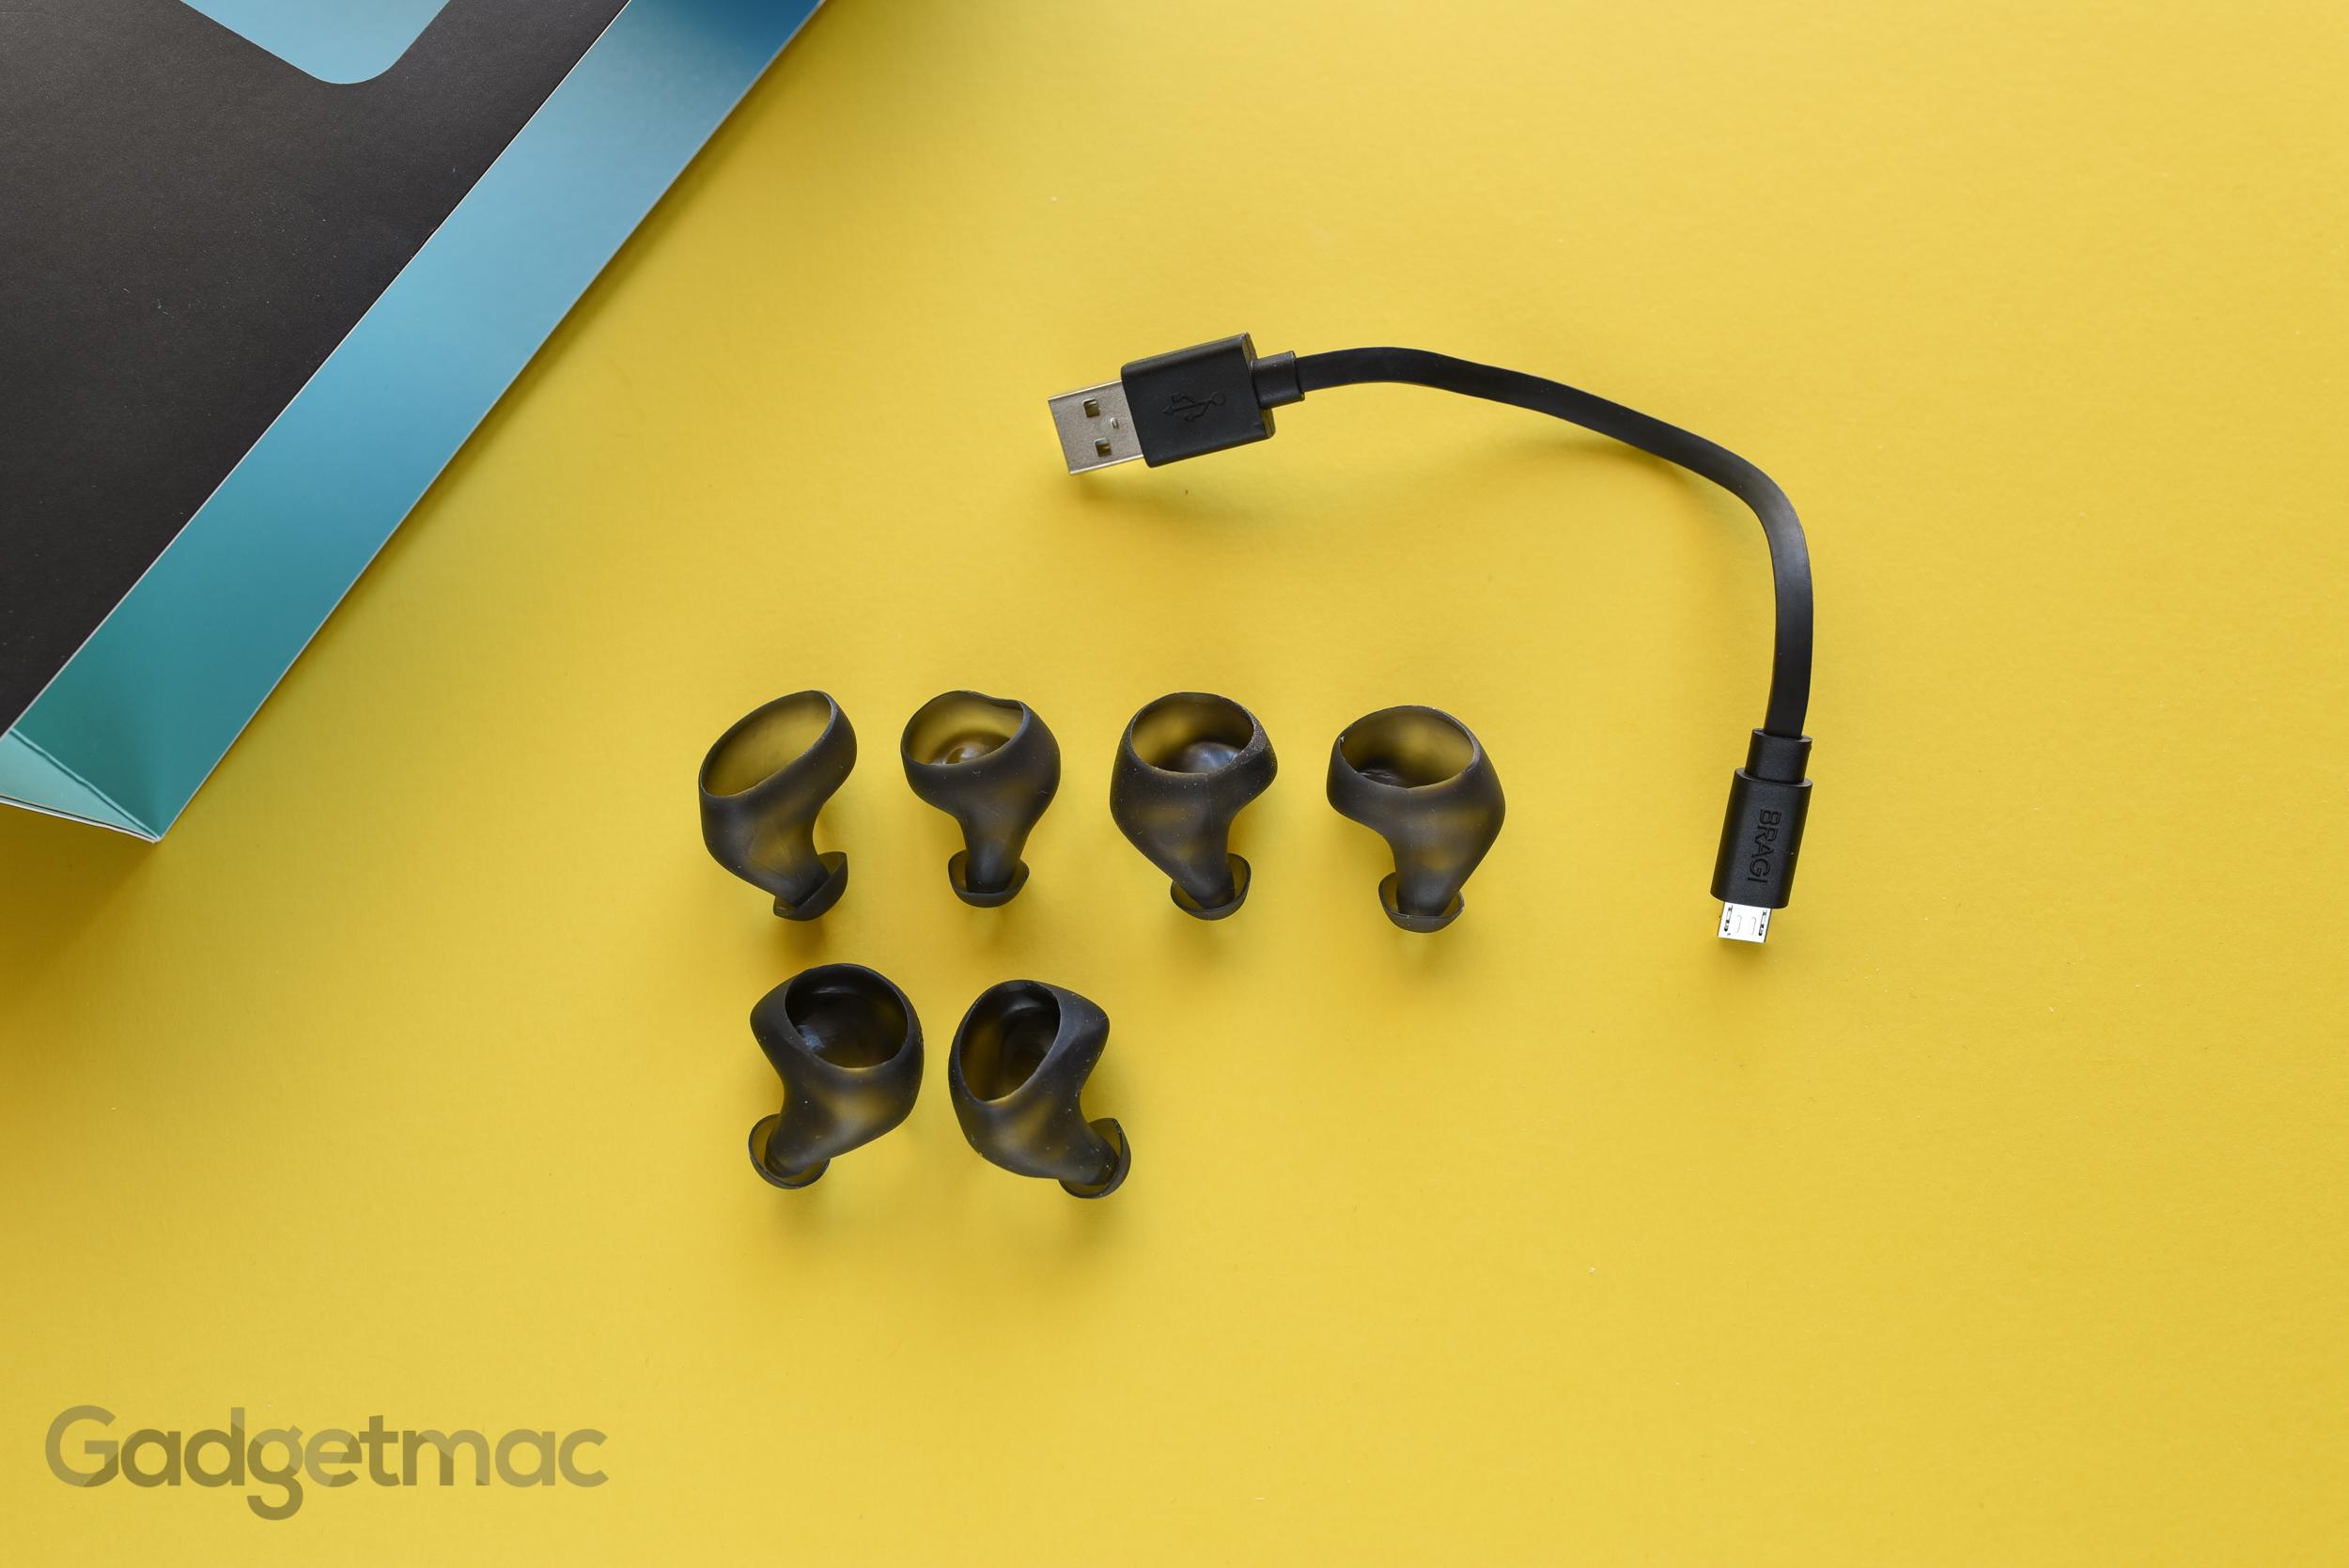 bragi-dash-included-accessories.jpg